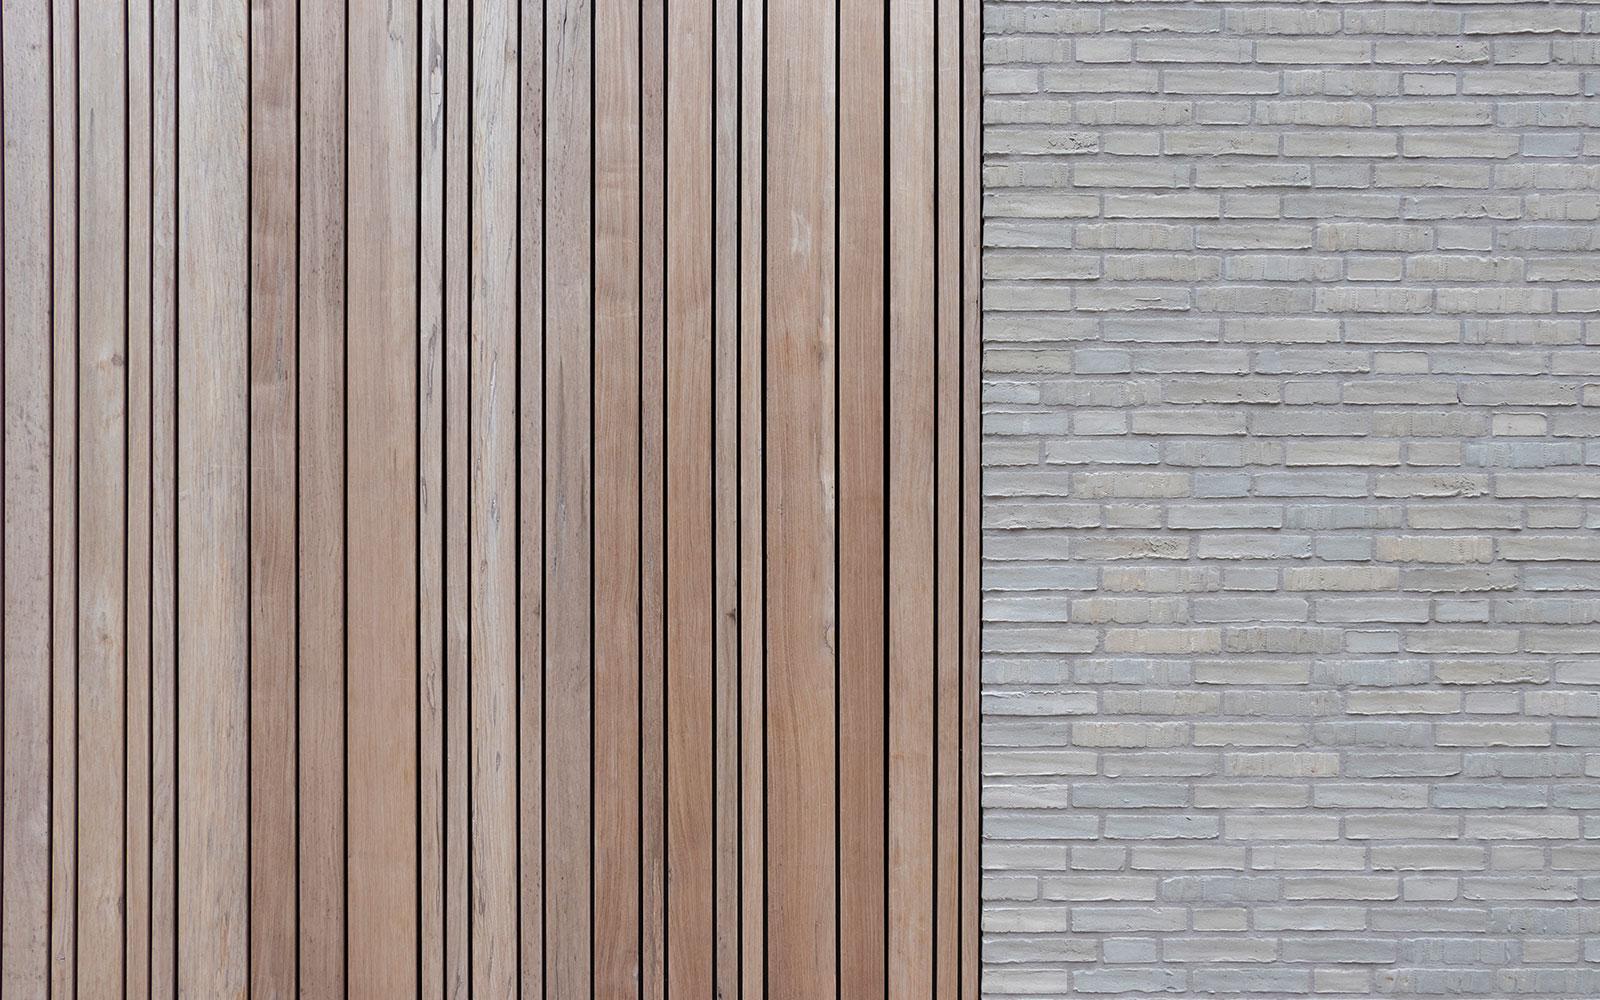 zijwaartse garagedeur, Different Doors, the art of living